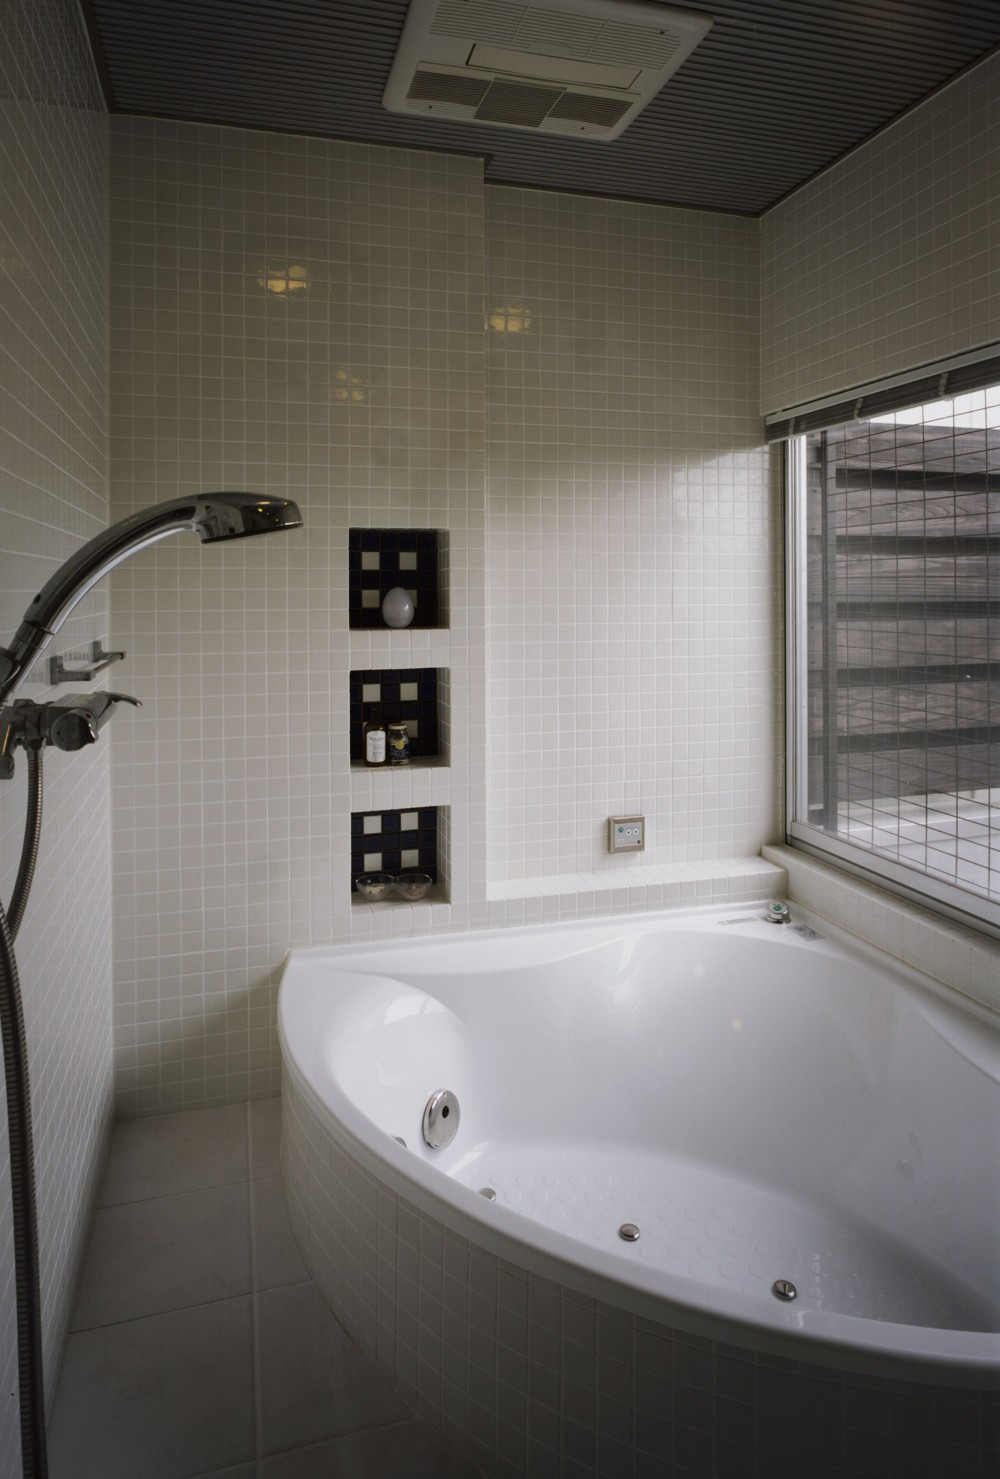 サロンのある家 ー汚れても、古くなっても、可愛いおうち。オランダのアパートメントのような家ー (バスルーム)